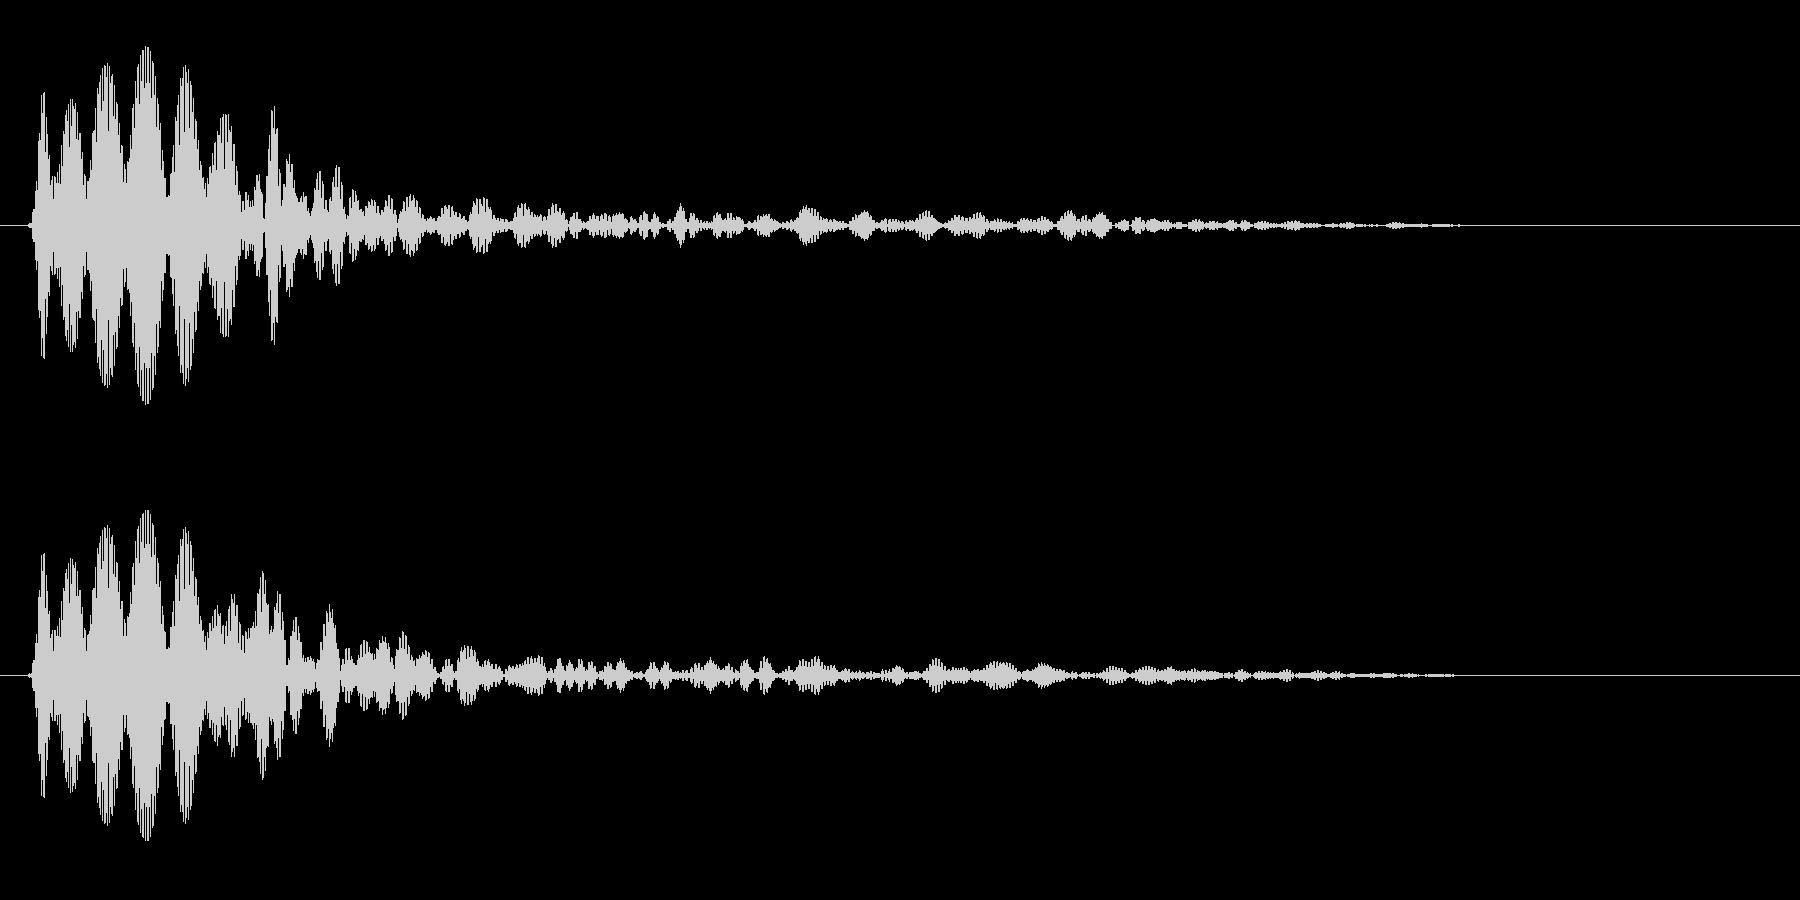 ブーン(スピード音)の未再生の波形